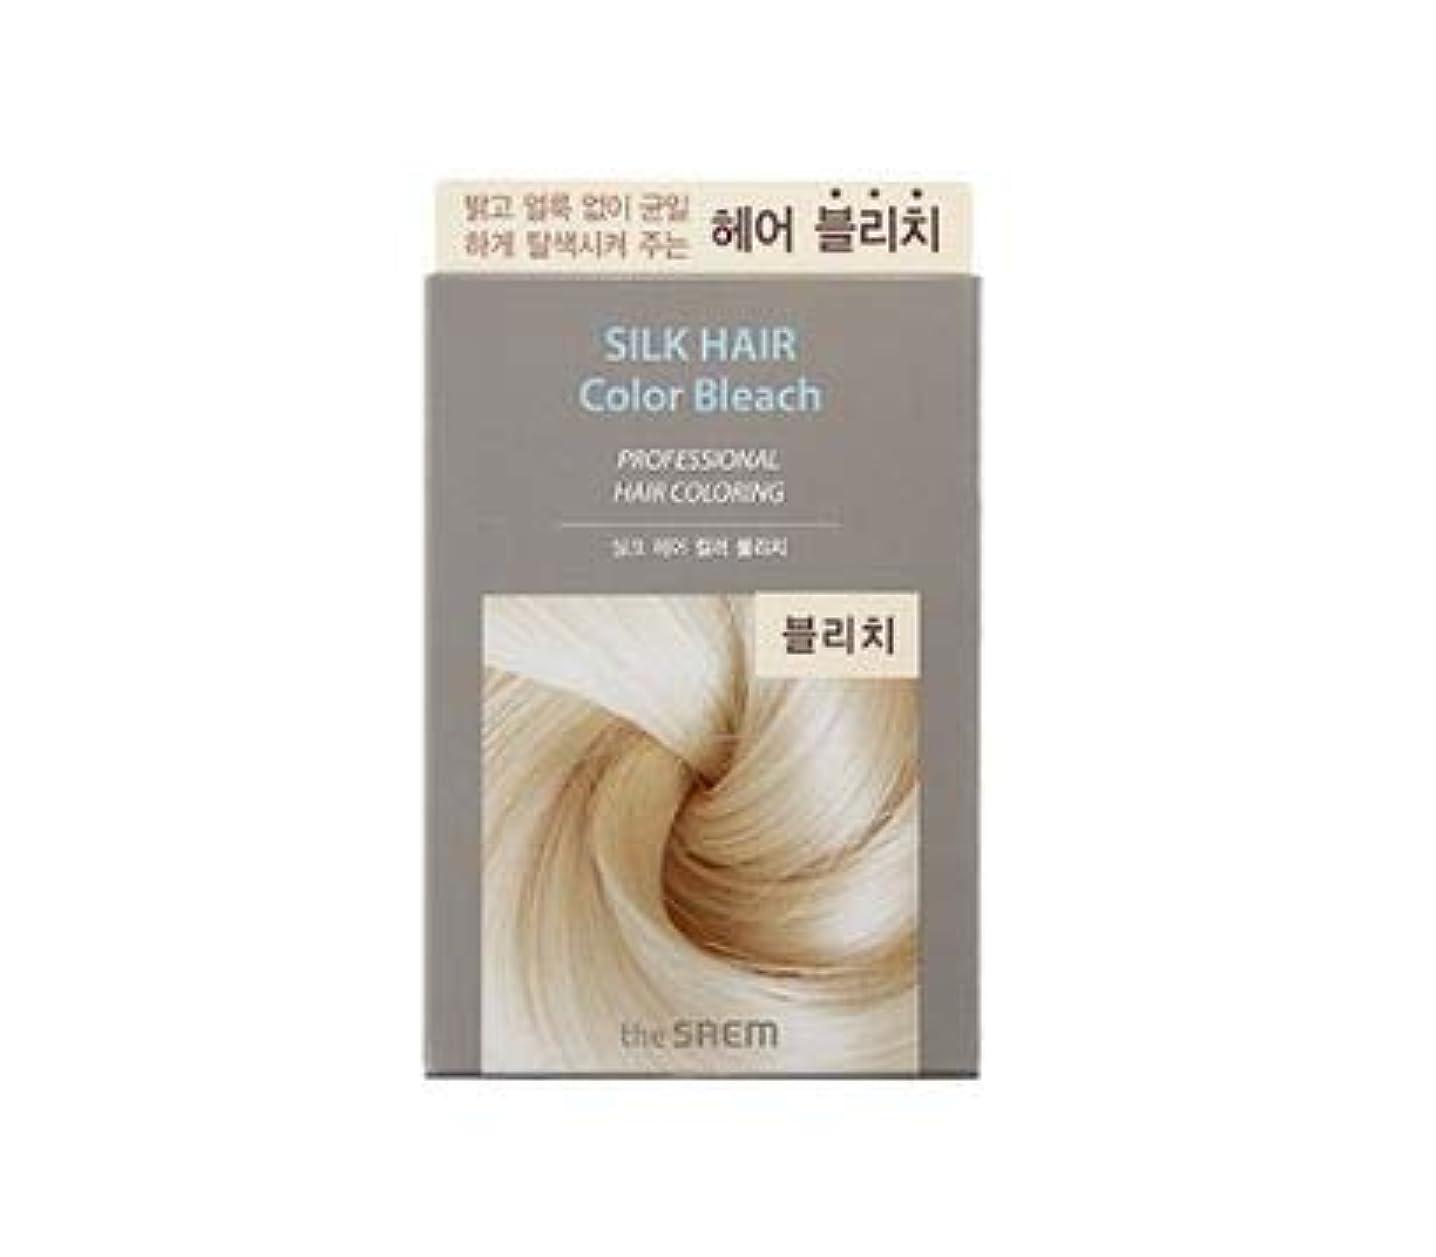 エキス餌抑圧するThe Saem SliK Hair Color Bleach ザセムシルクヘアカラーブリーチ [並行輸入品]